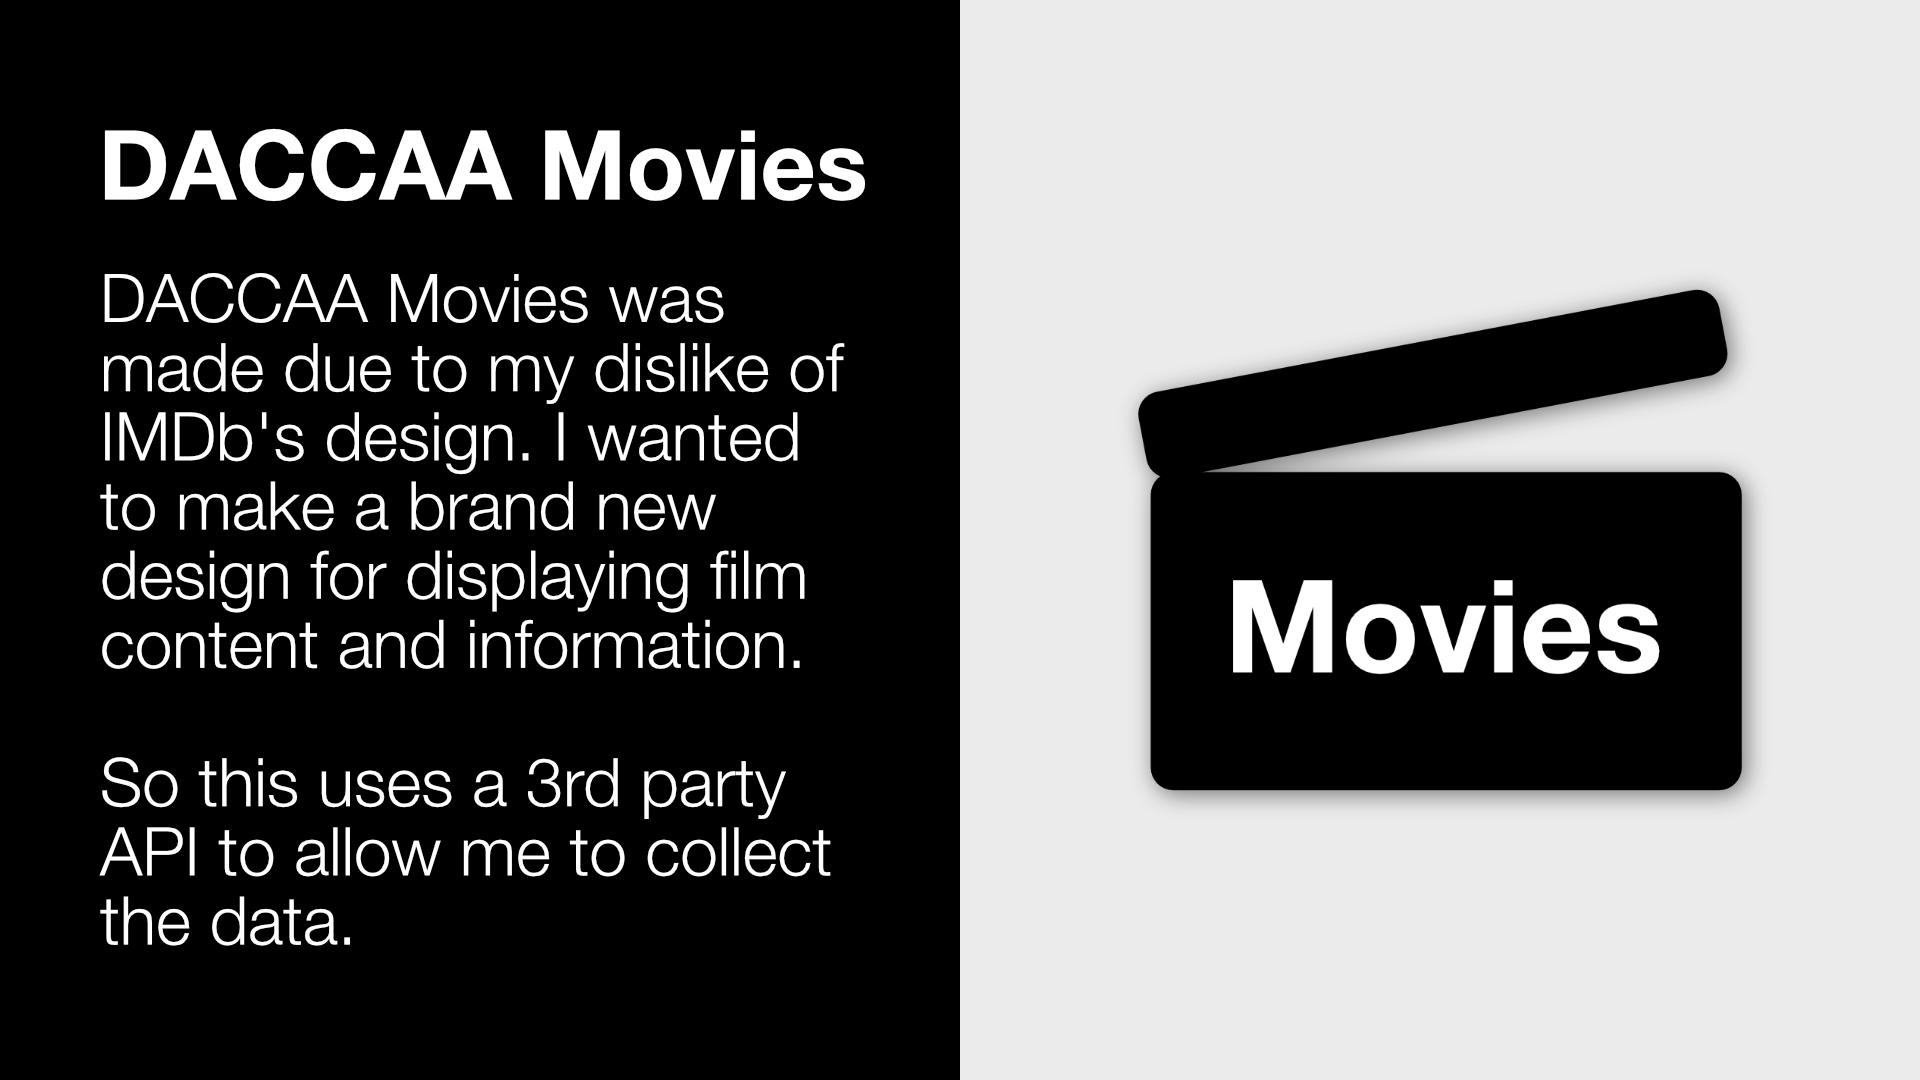 DACCAA Movies